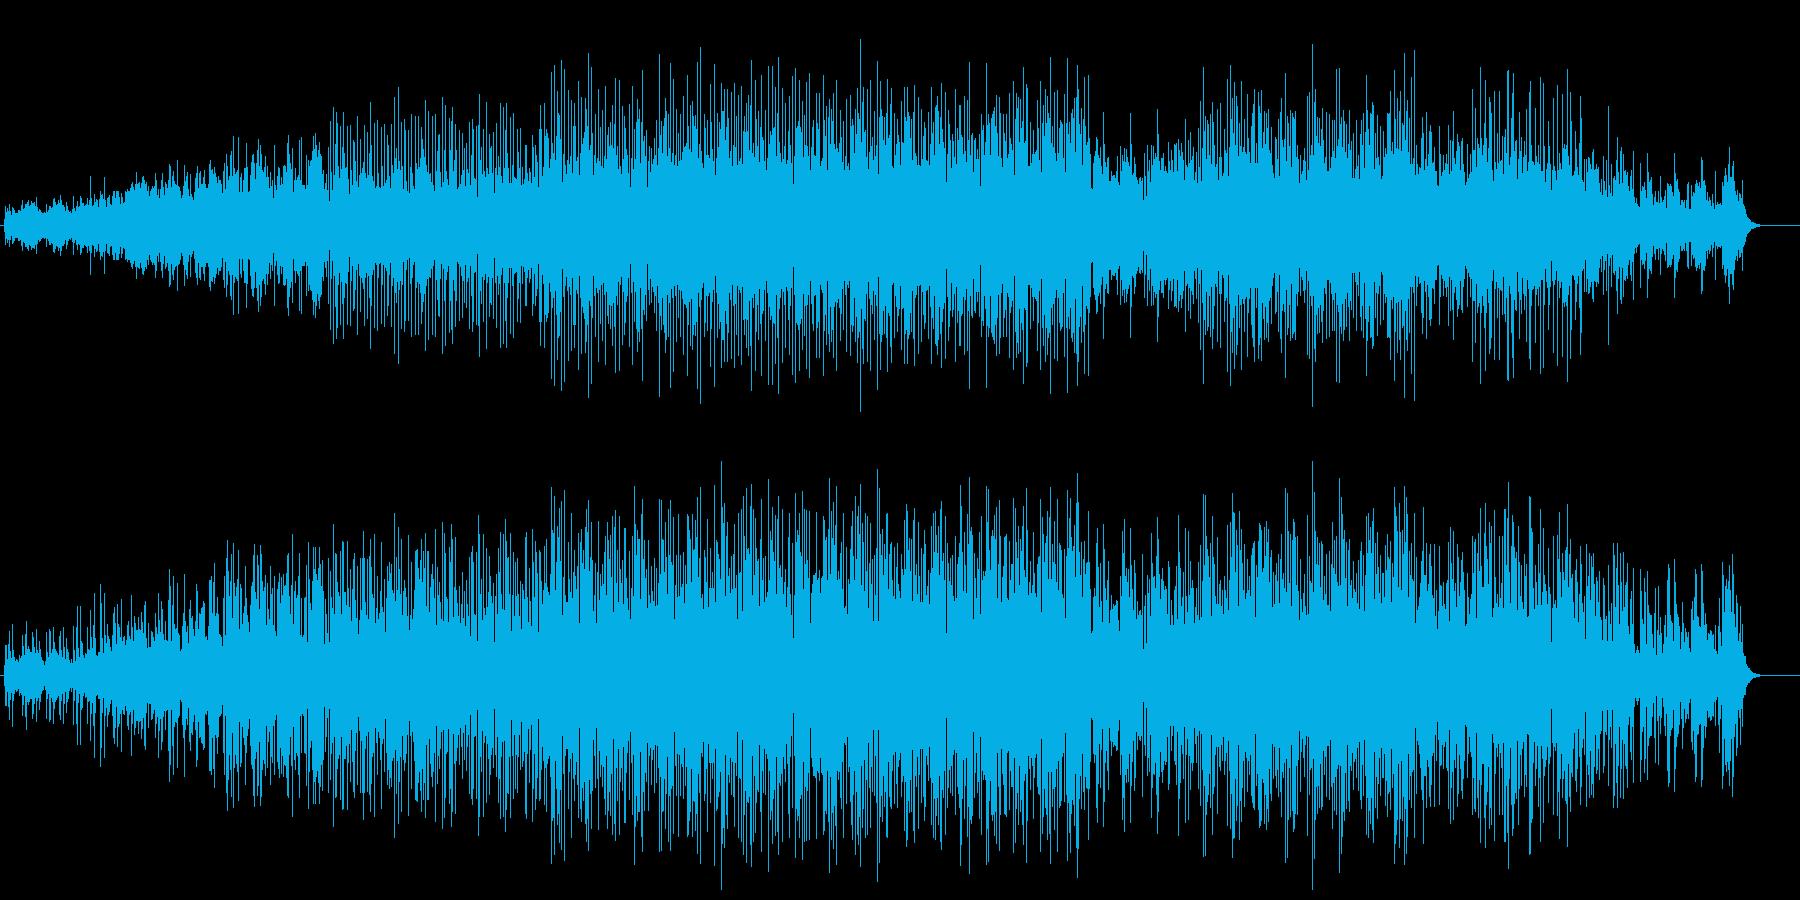 サイエンスチックなテクノロジー風サウンドの再生済みの波形